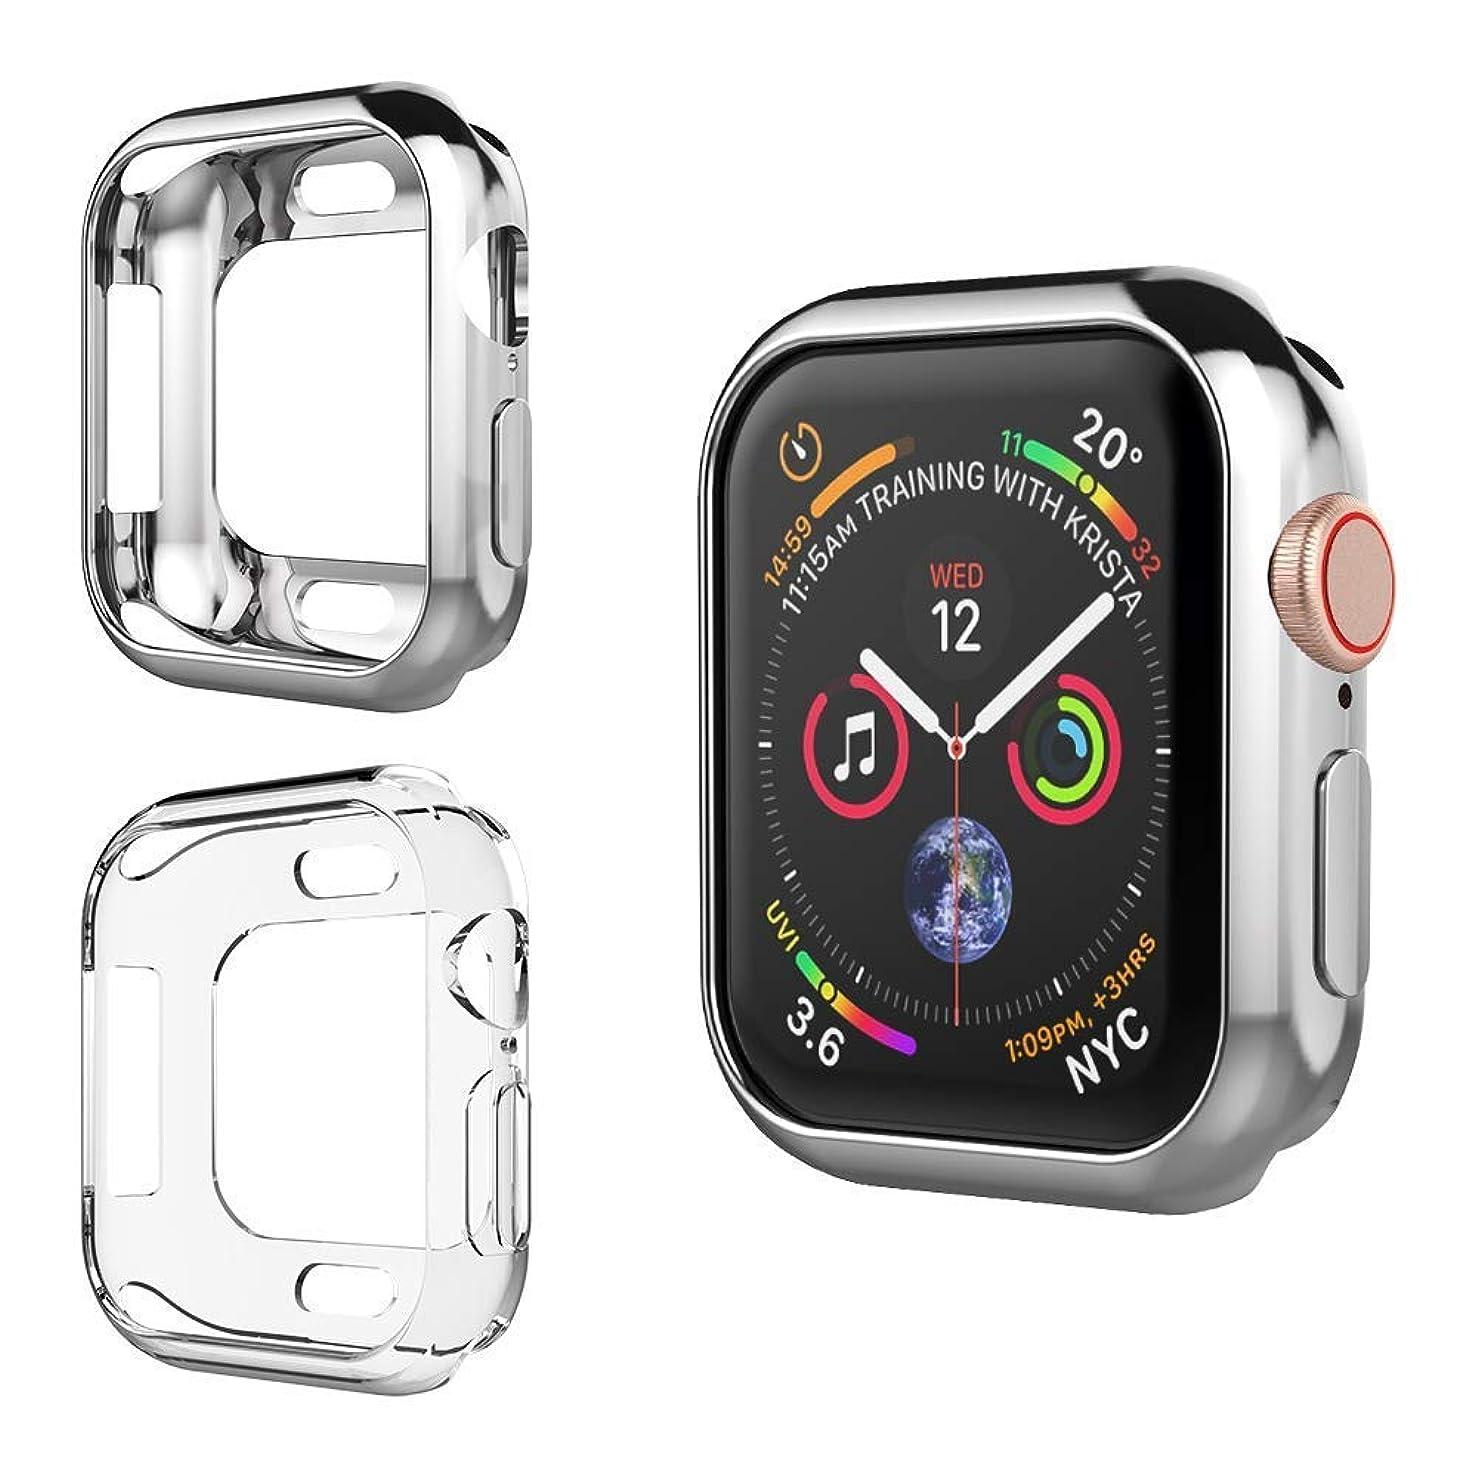 雇用椅子口UMTELE コンパチブル Apple Watch Series 5/4 ケース アップル ウォッチ シリーズ 5/4 ケース 2枚セット メッキTPUケース ソフト 超簿 透明 保護ケース 全面保護カバー 脱着簡単 着装まま充電可能 Apple Watch Series 5/4専用 44mm アップルウォッチ5/4だけに対応 耐衝撃性 薄型 軽量 精密操作 高感度&高級感(44mm、2個セット:クリア+シルバー)